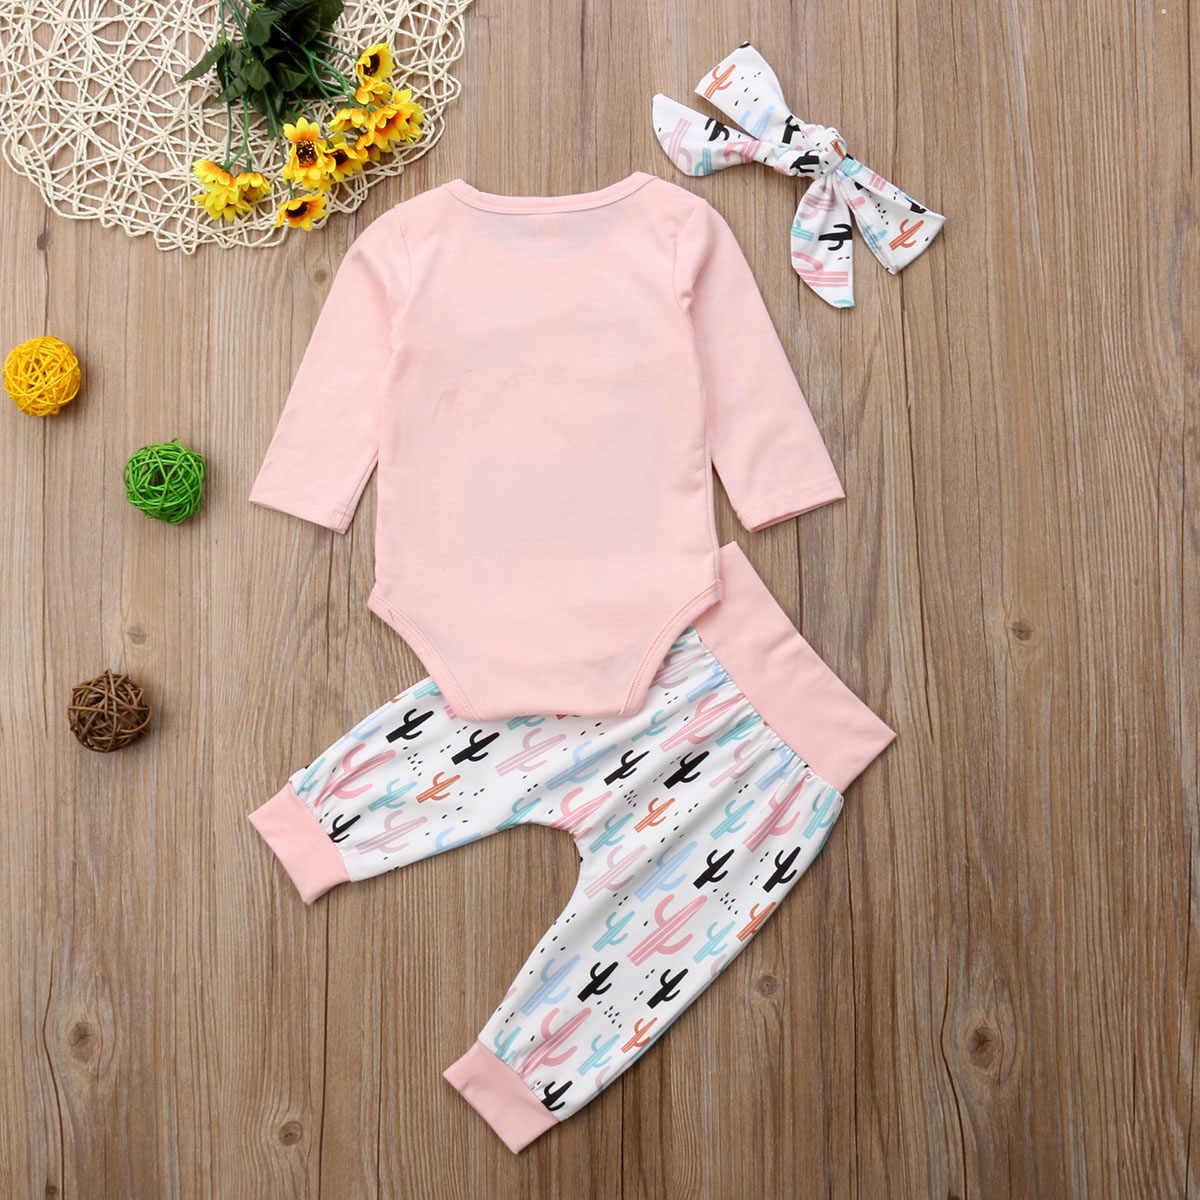 3 stks Baby Meisje Outfits Alpaca Tops Lange Mouw Romper Cactus Broek Hoofdband Set Peuter Herfst Kleding Trainingspak